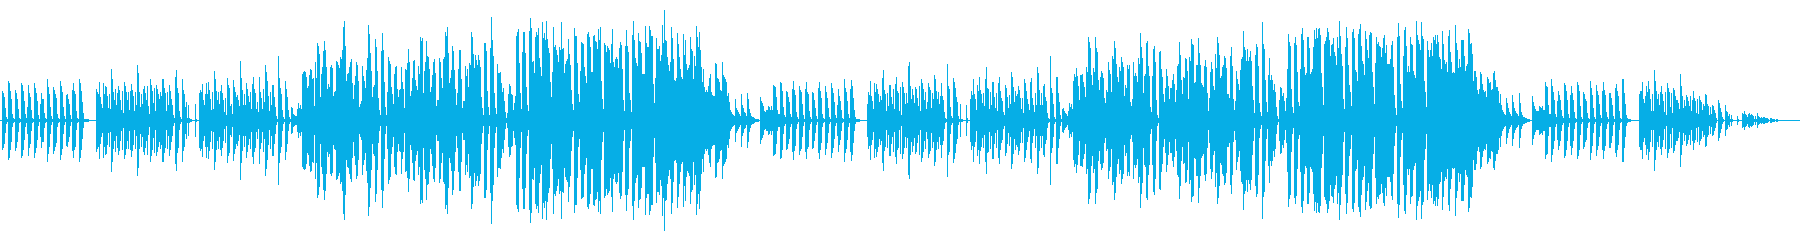 ほのぼのした日常を描いた曲の再生済みの波形